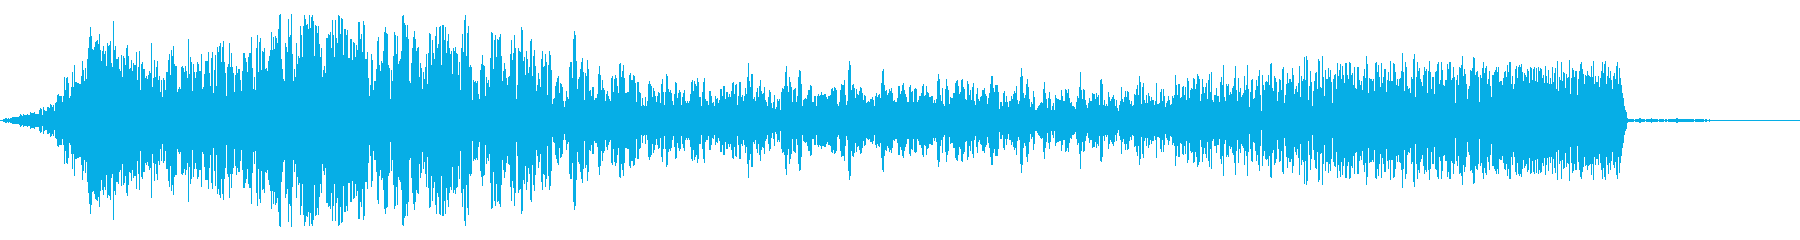 インパクト音〜ピアノフェードインの再生済みの波形